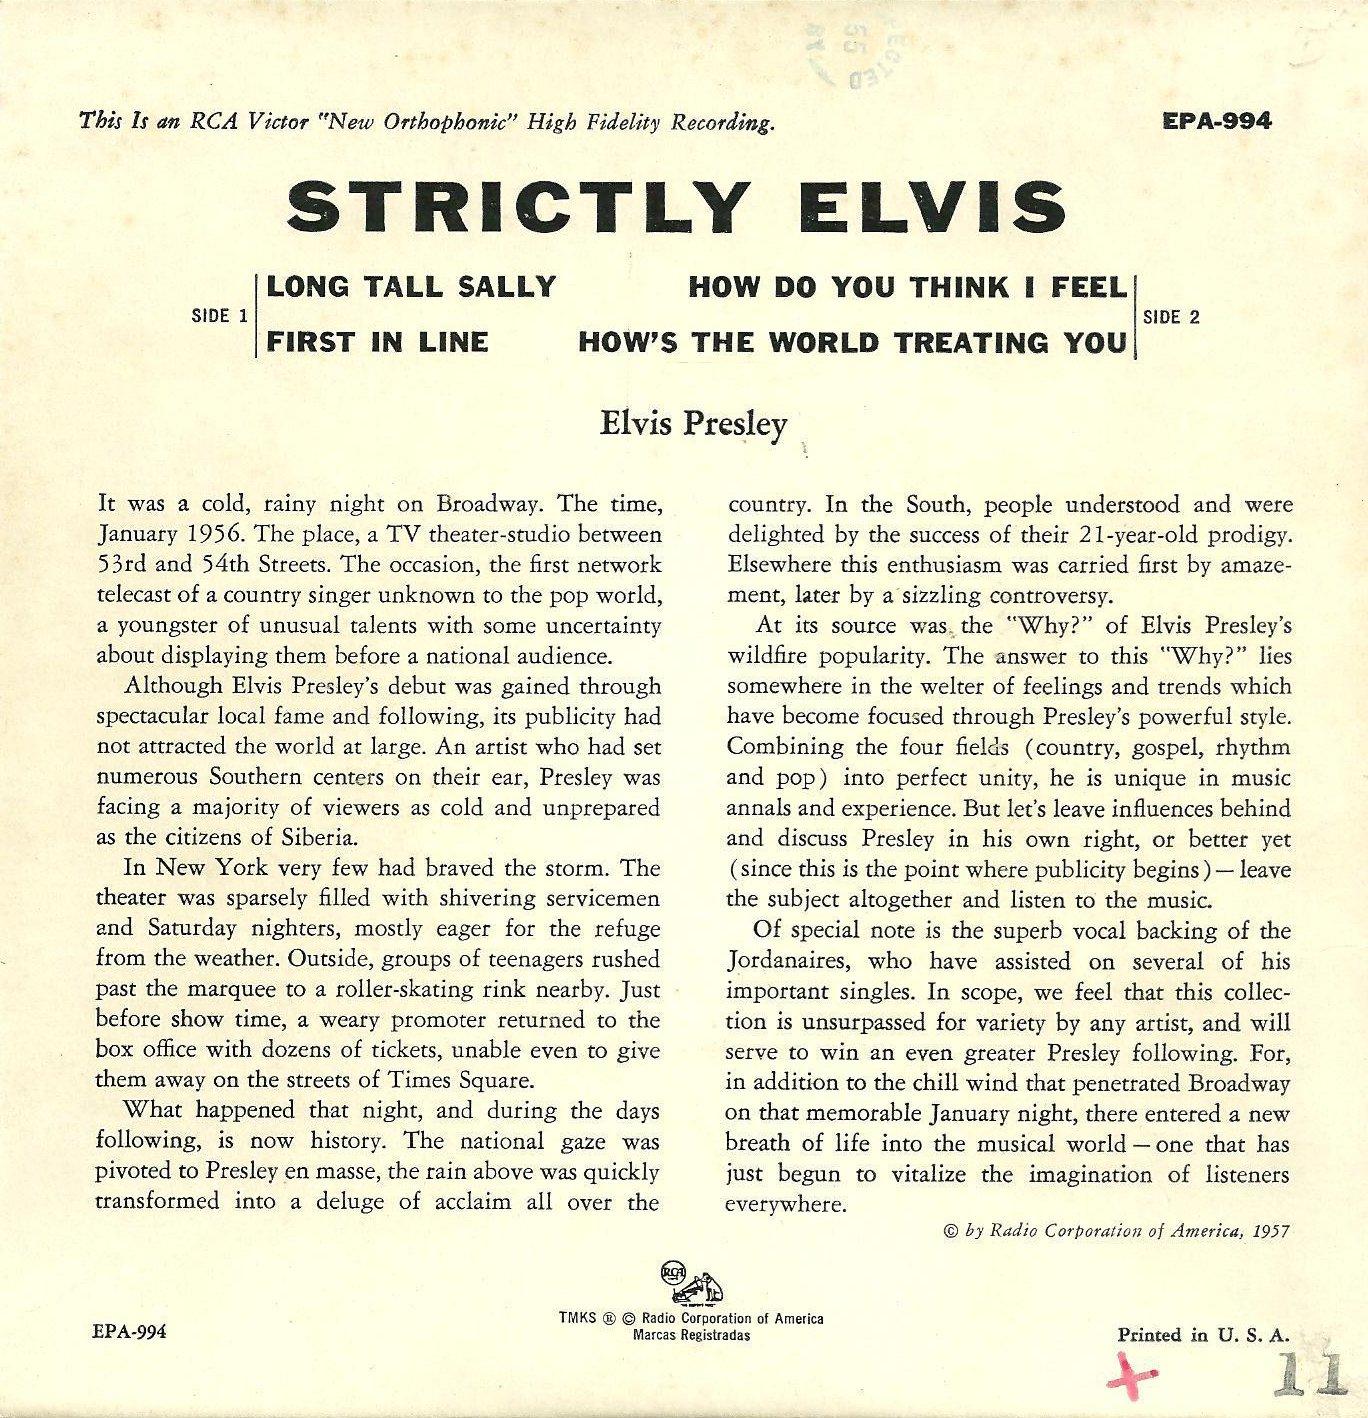 STRICTLY ELVIS Epa994brzzbw